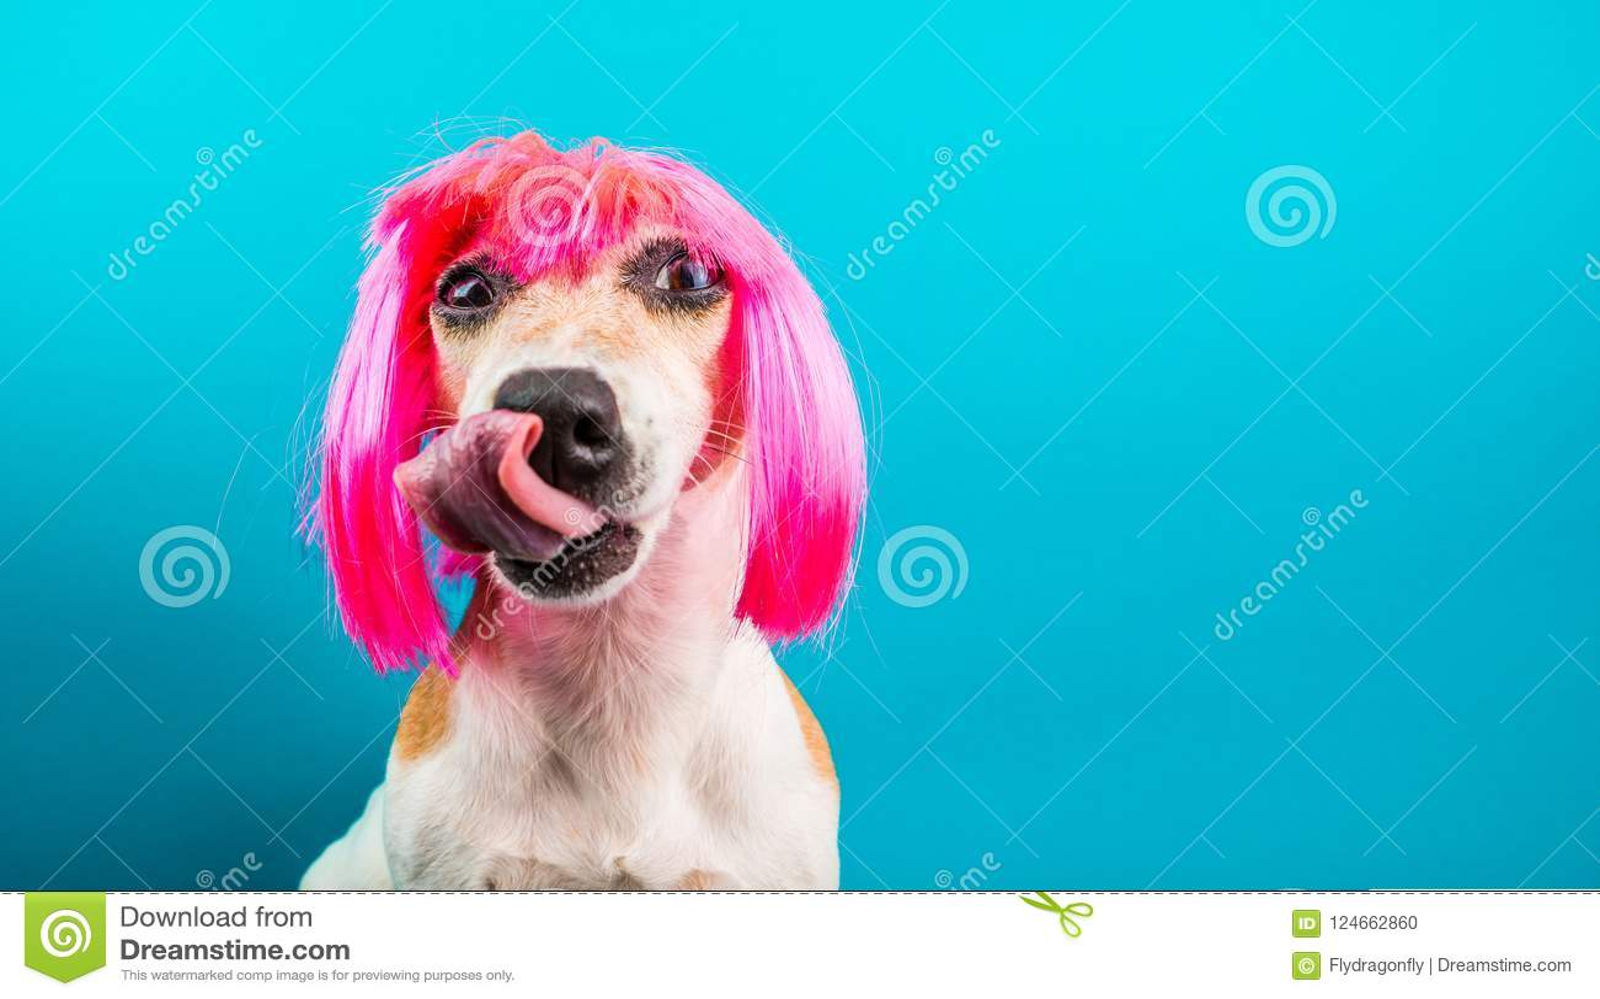 Grappige hond in roze pruik het wachten op een heerlijke maaltijd die foog likken Achtergrond voor een uitnodigingskaart of een g